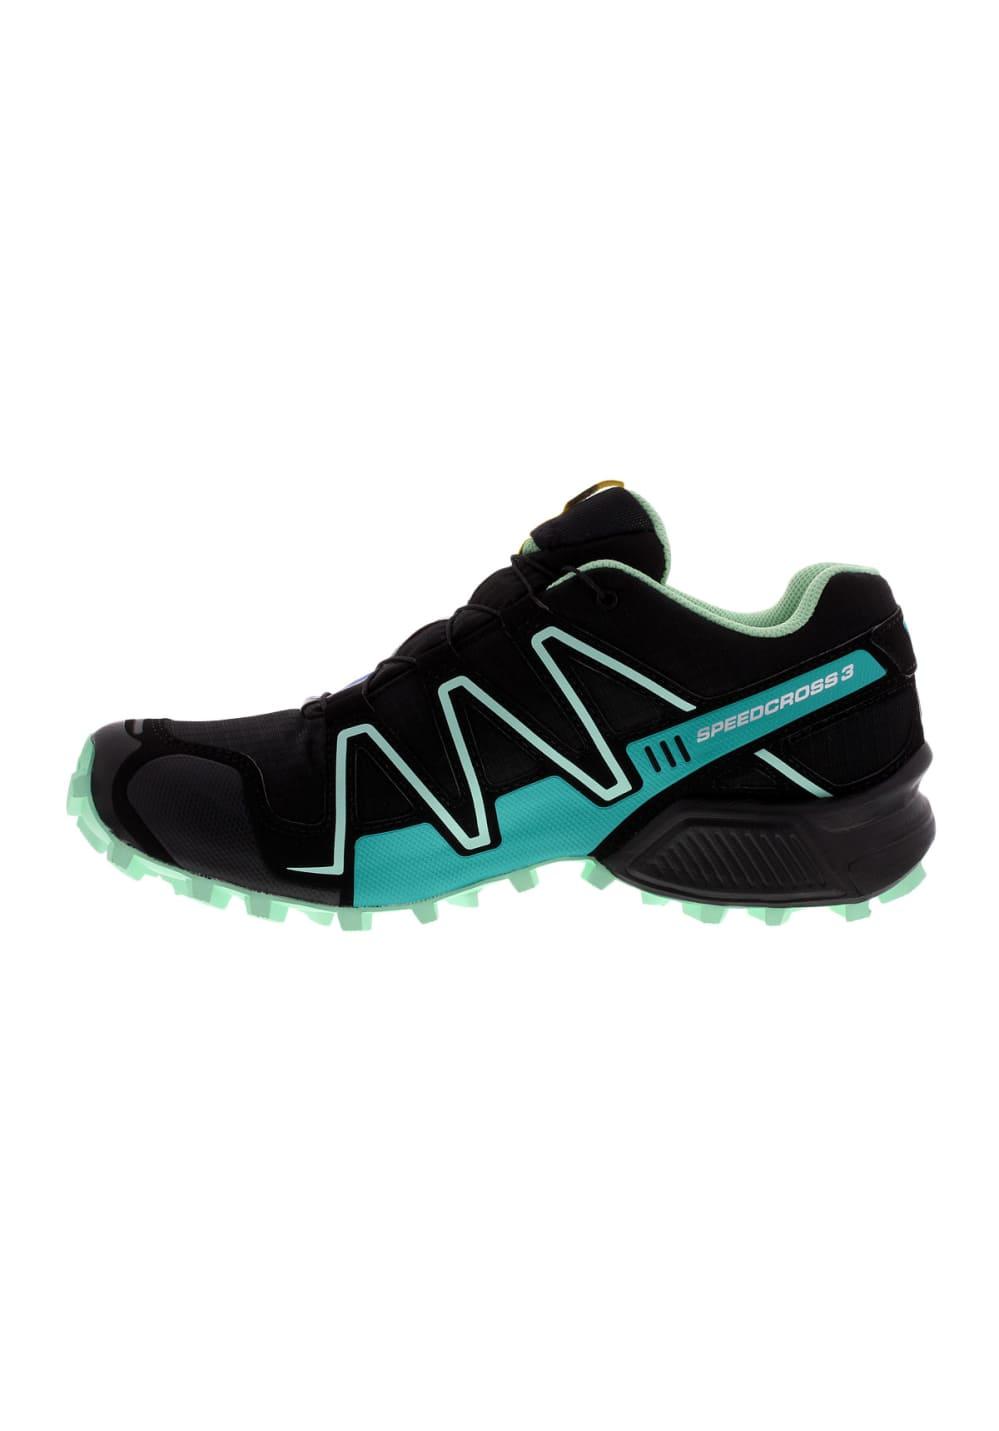 Running Pour Salomon Chaussures Gtx 3 Noir21run Speedcross Femme F1c3KTlJ